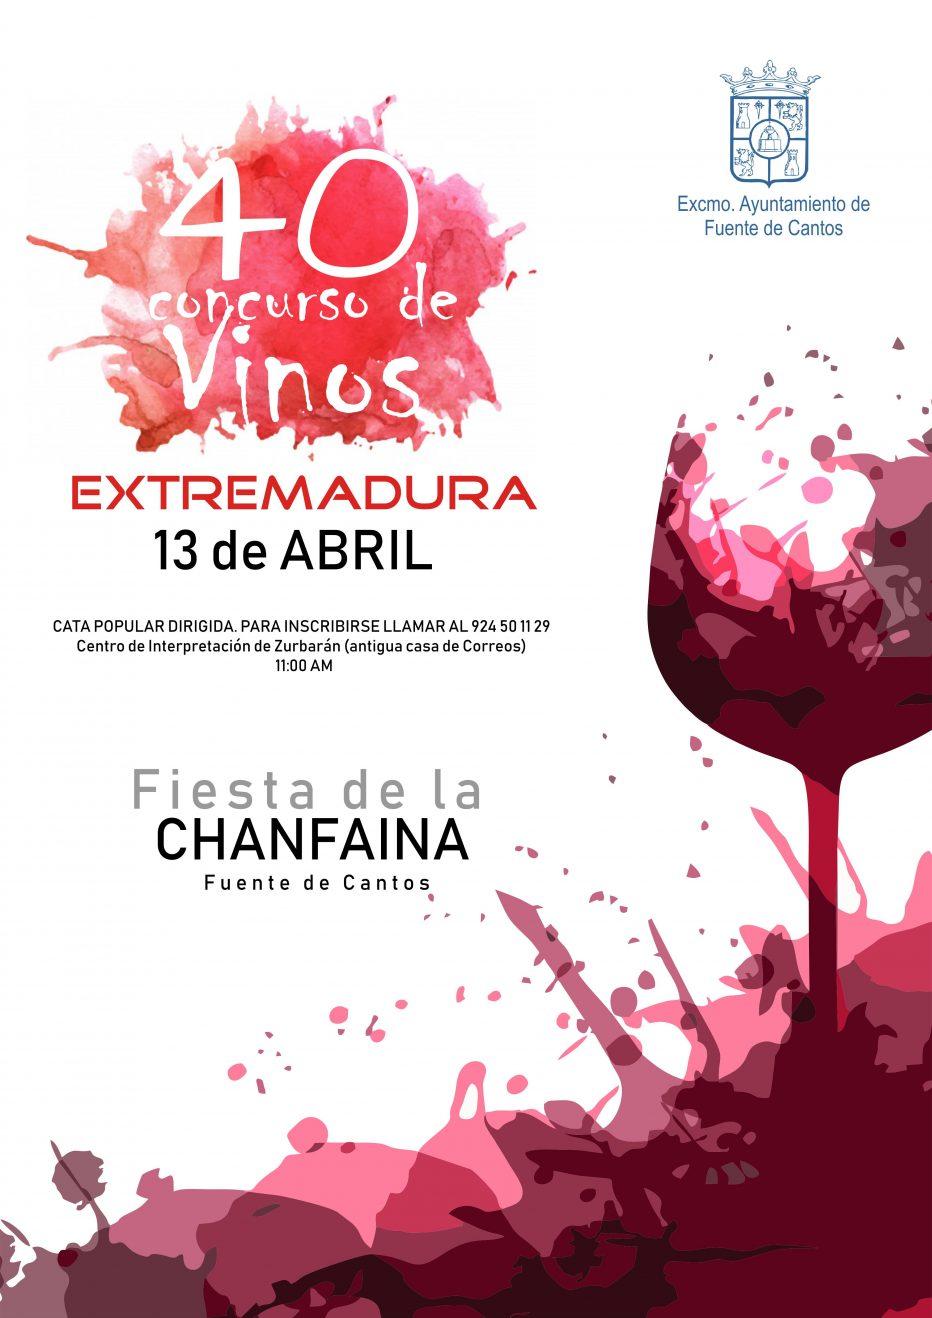 Concurso de Vinos y Cata Popular Chanfaina 2019